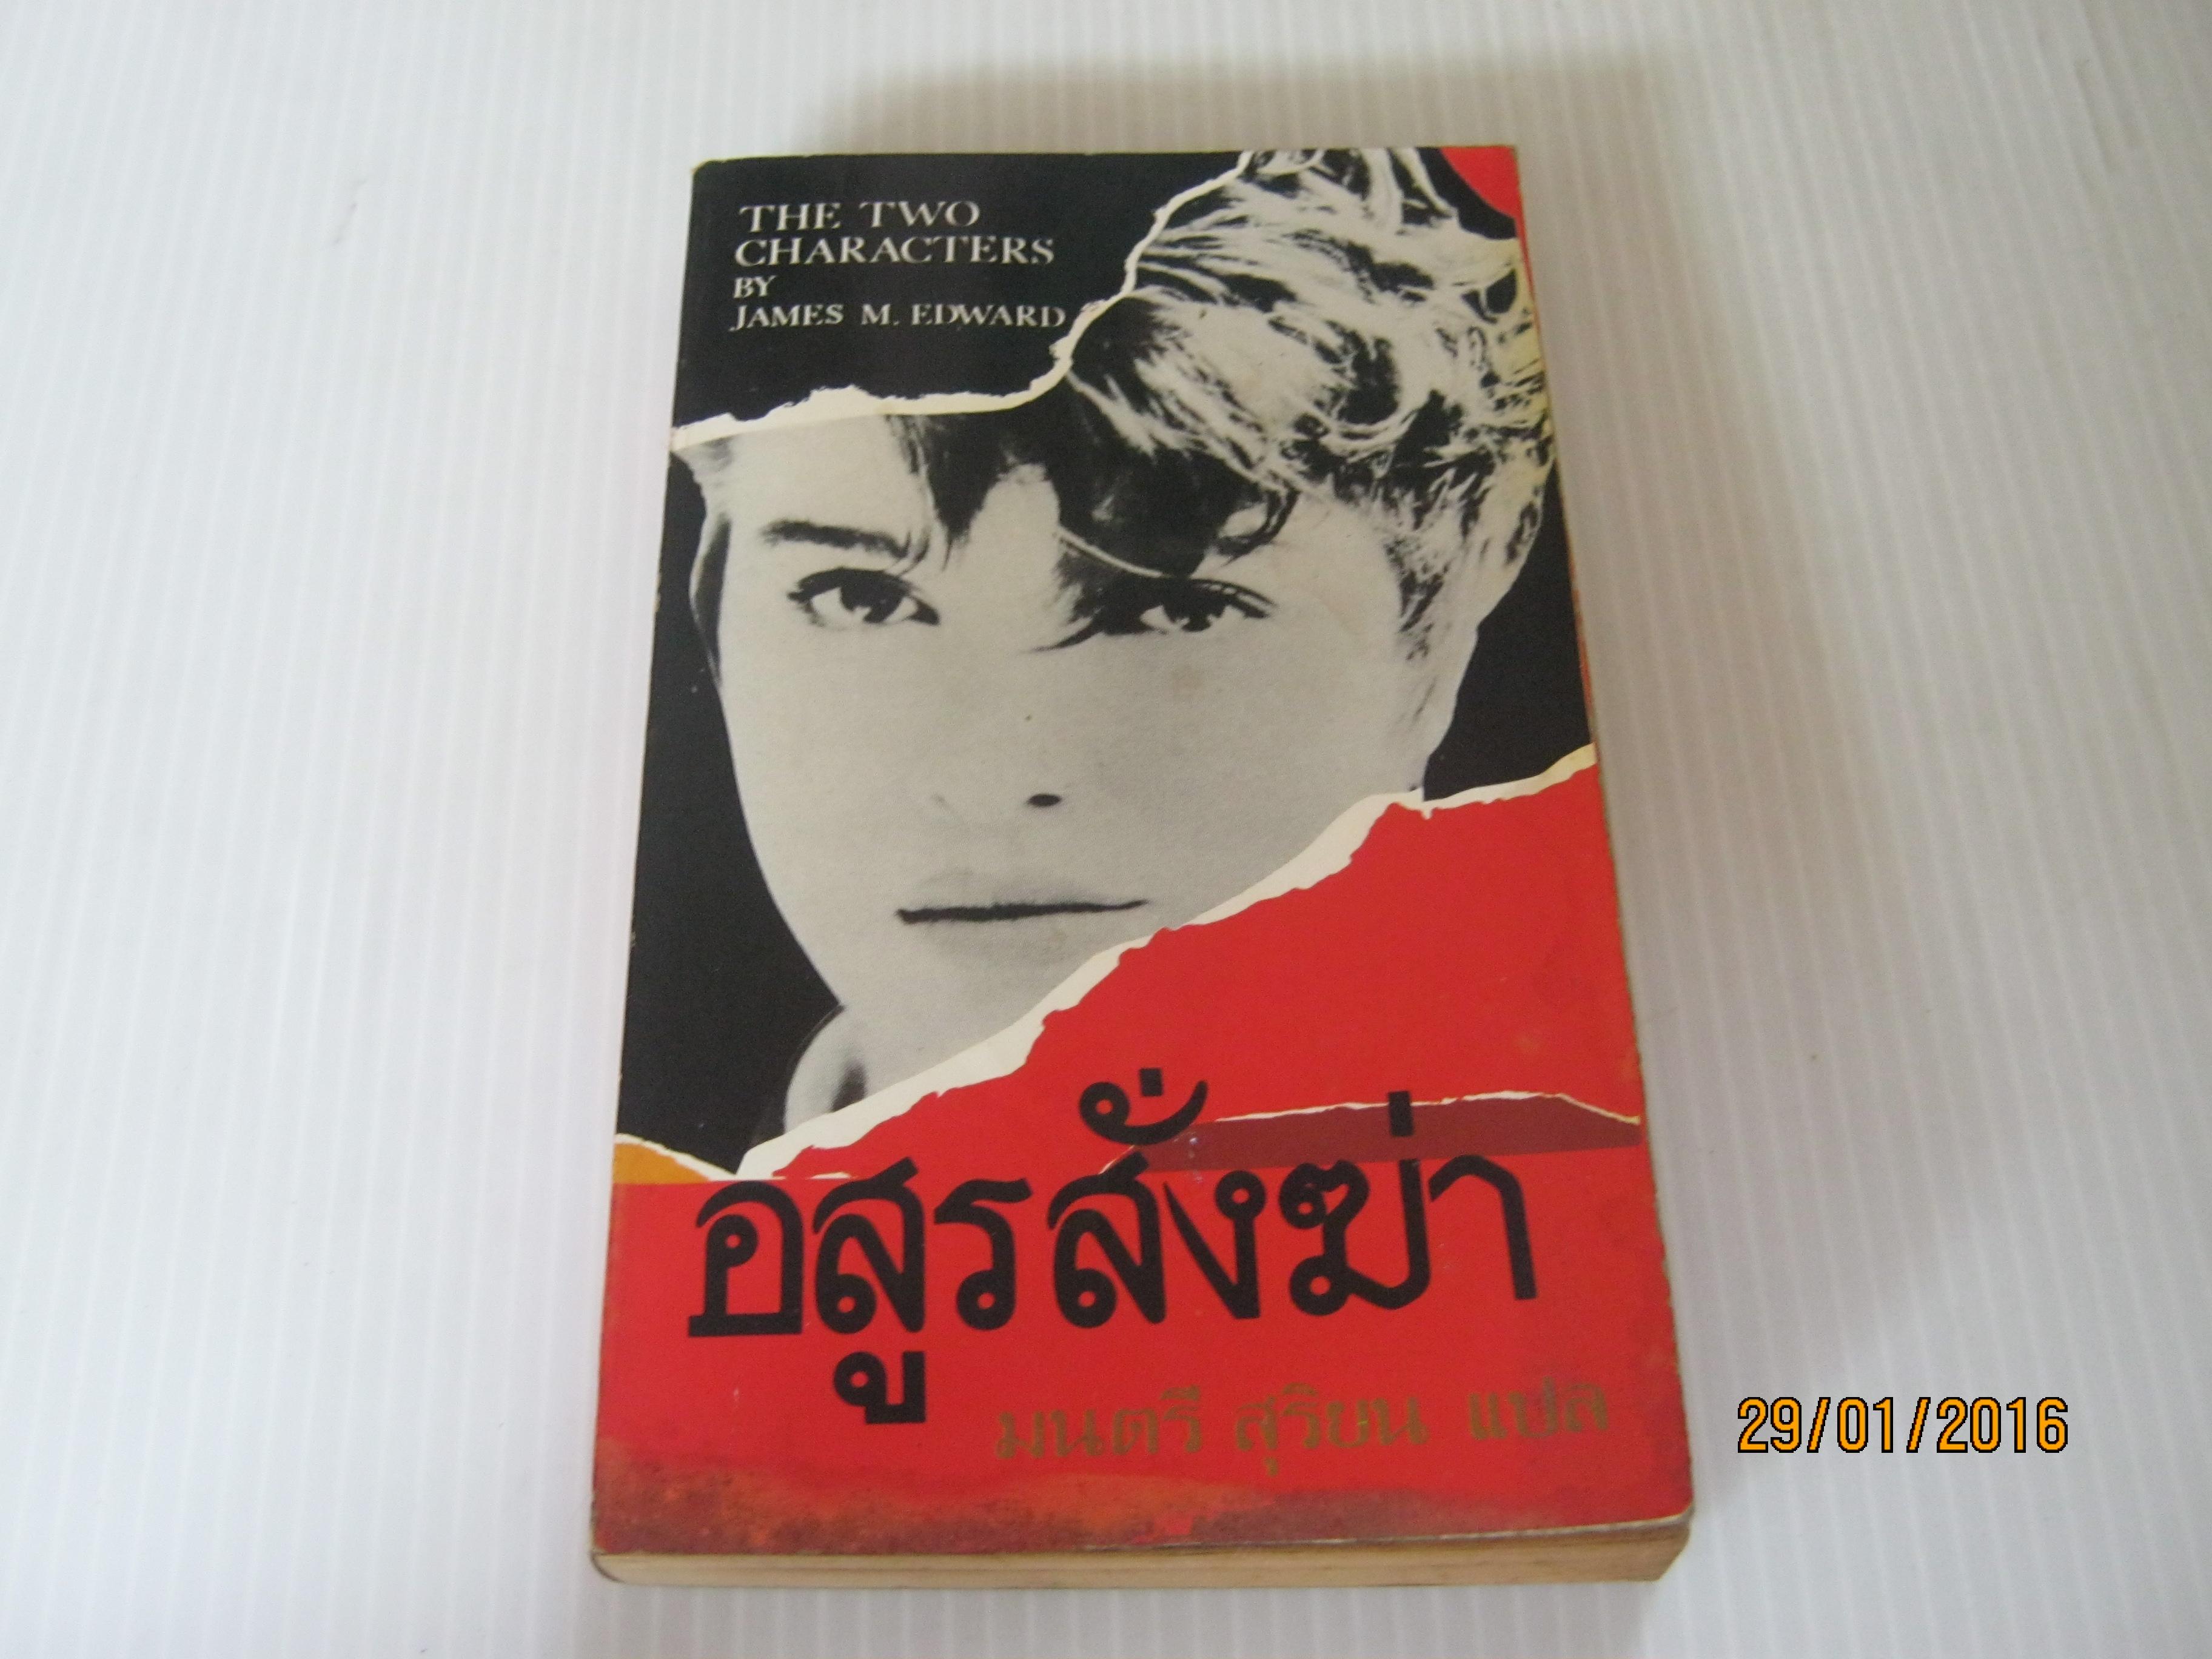 ิอสูรสั่งฆ่า (The two Character) James M. Edward เขียน มนตรี สุริยน แปล